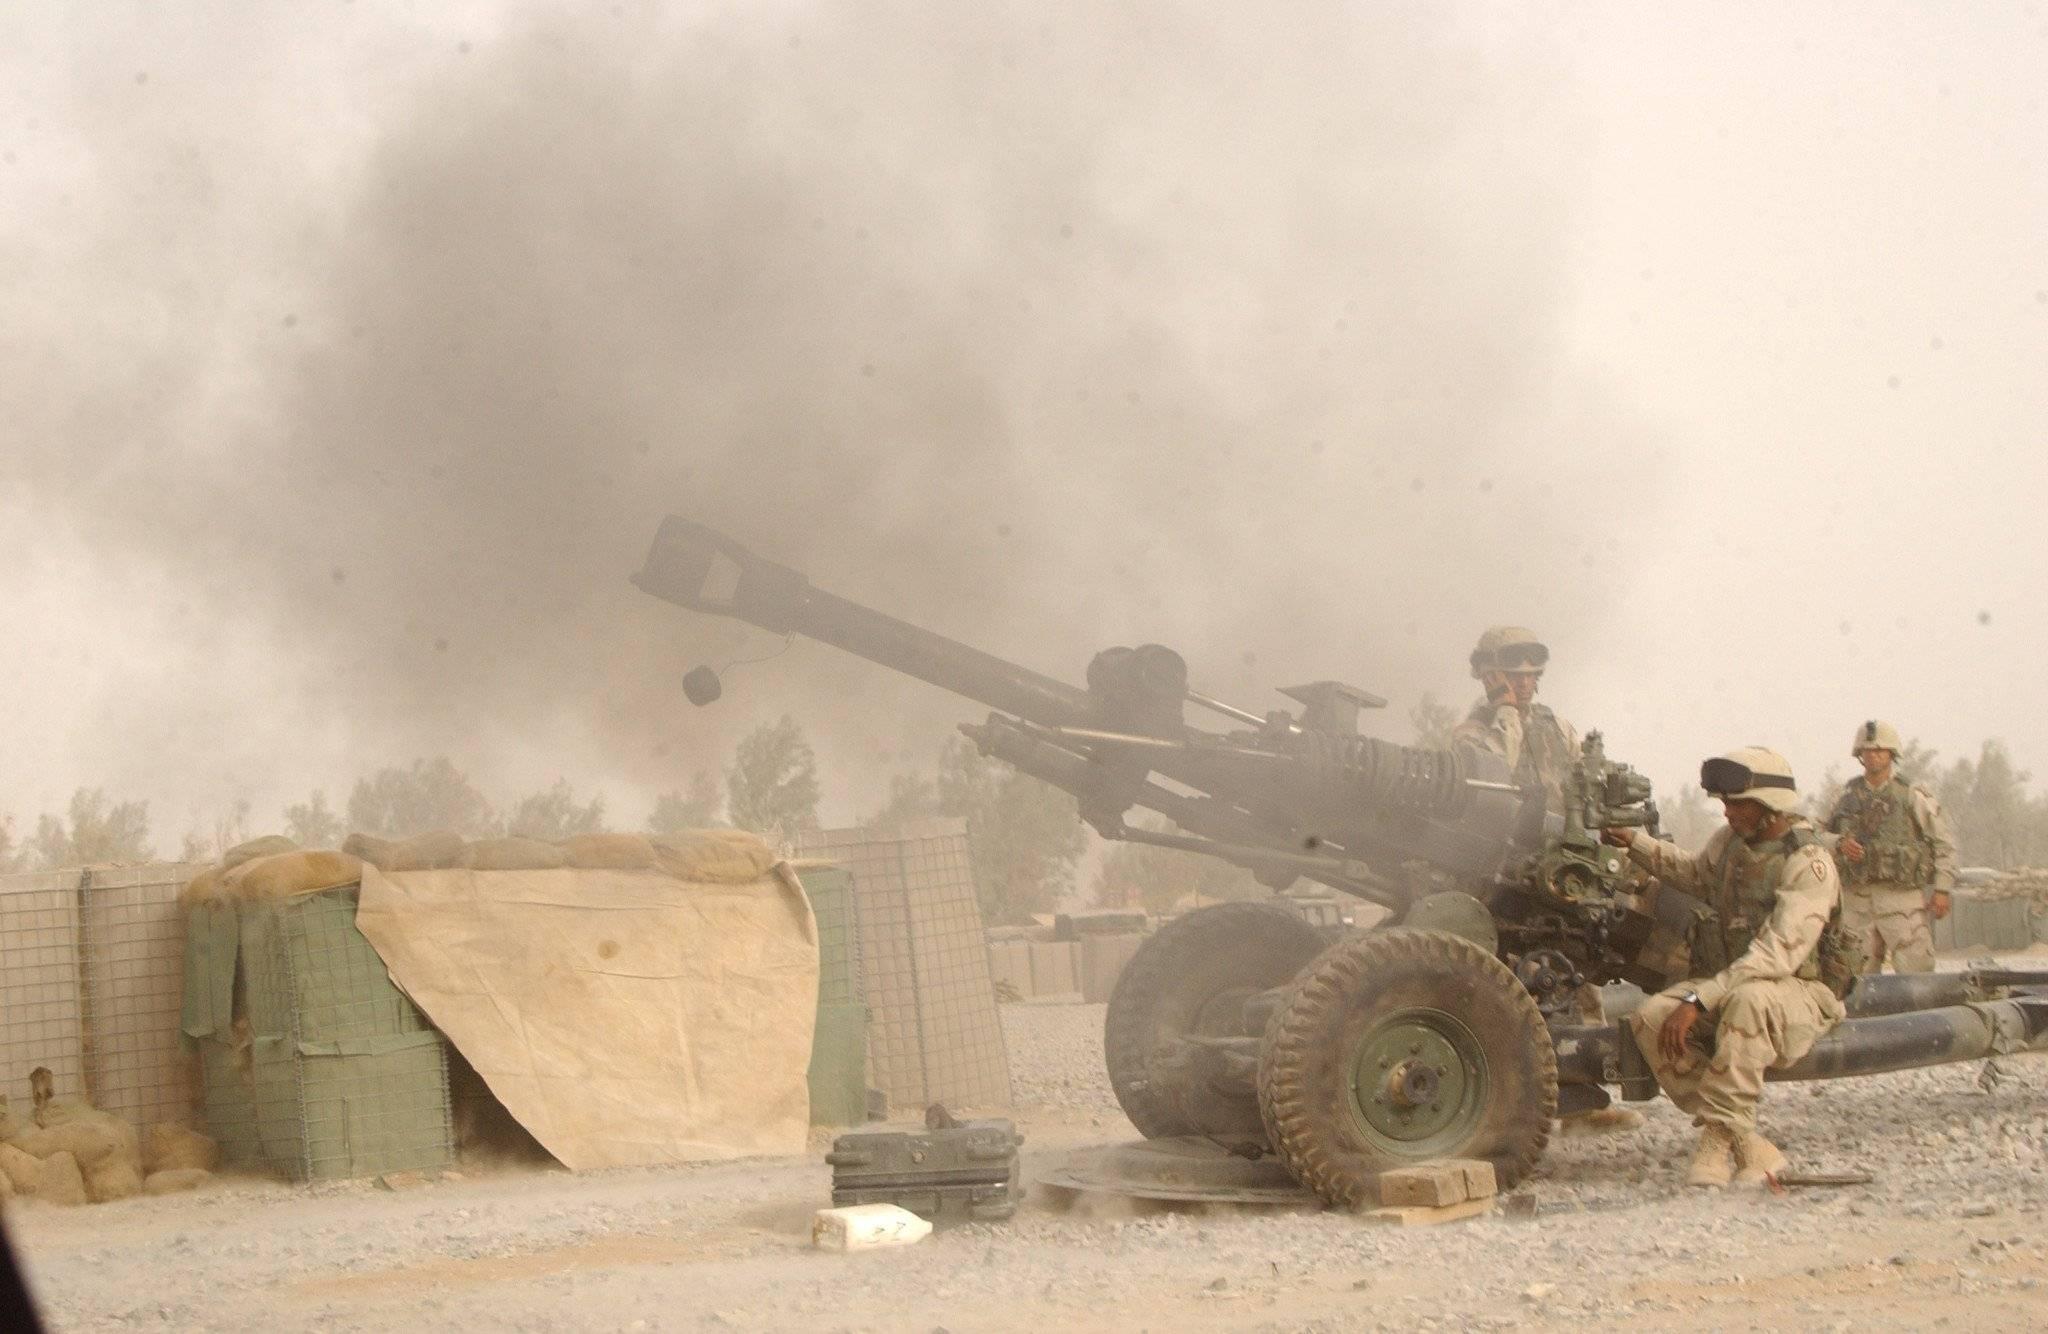 M119 HOWITZER